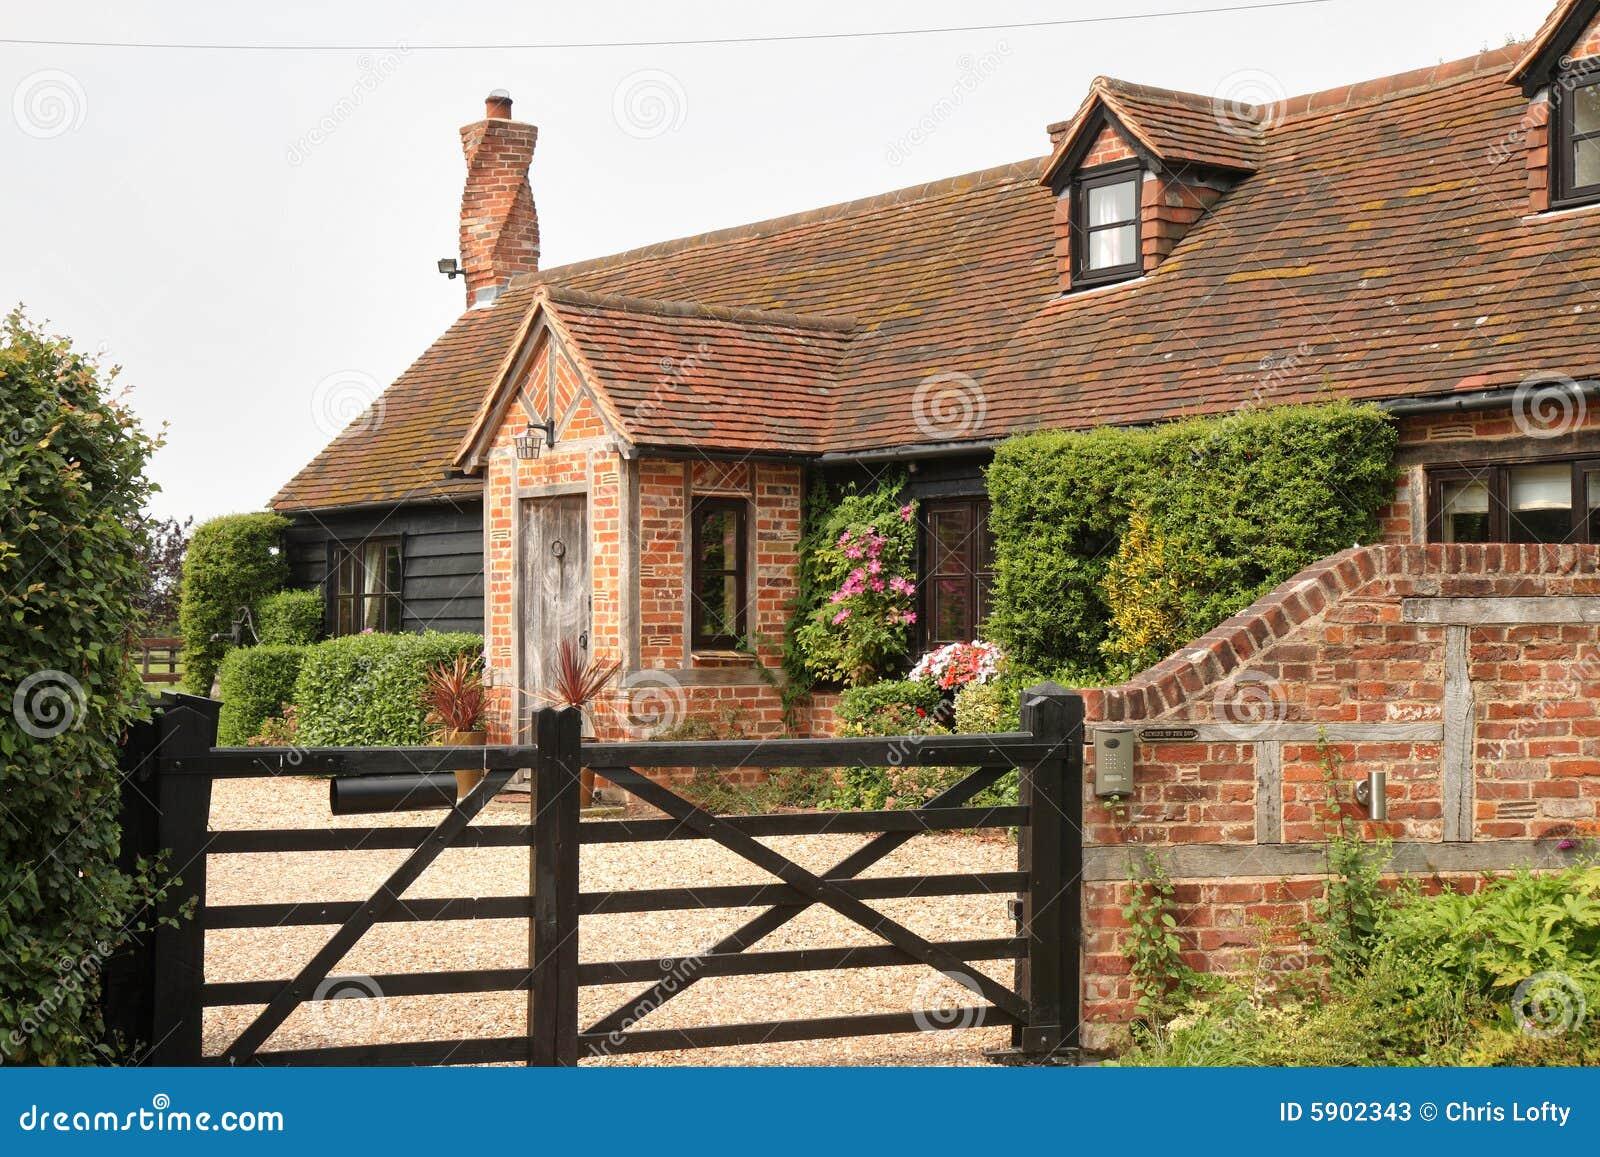 Casa de campo quadro madeira da vila fotos de stock - Fotos de casa de campo ...